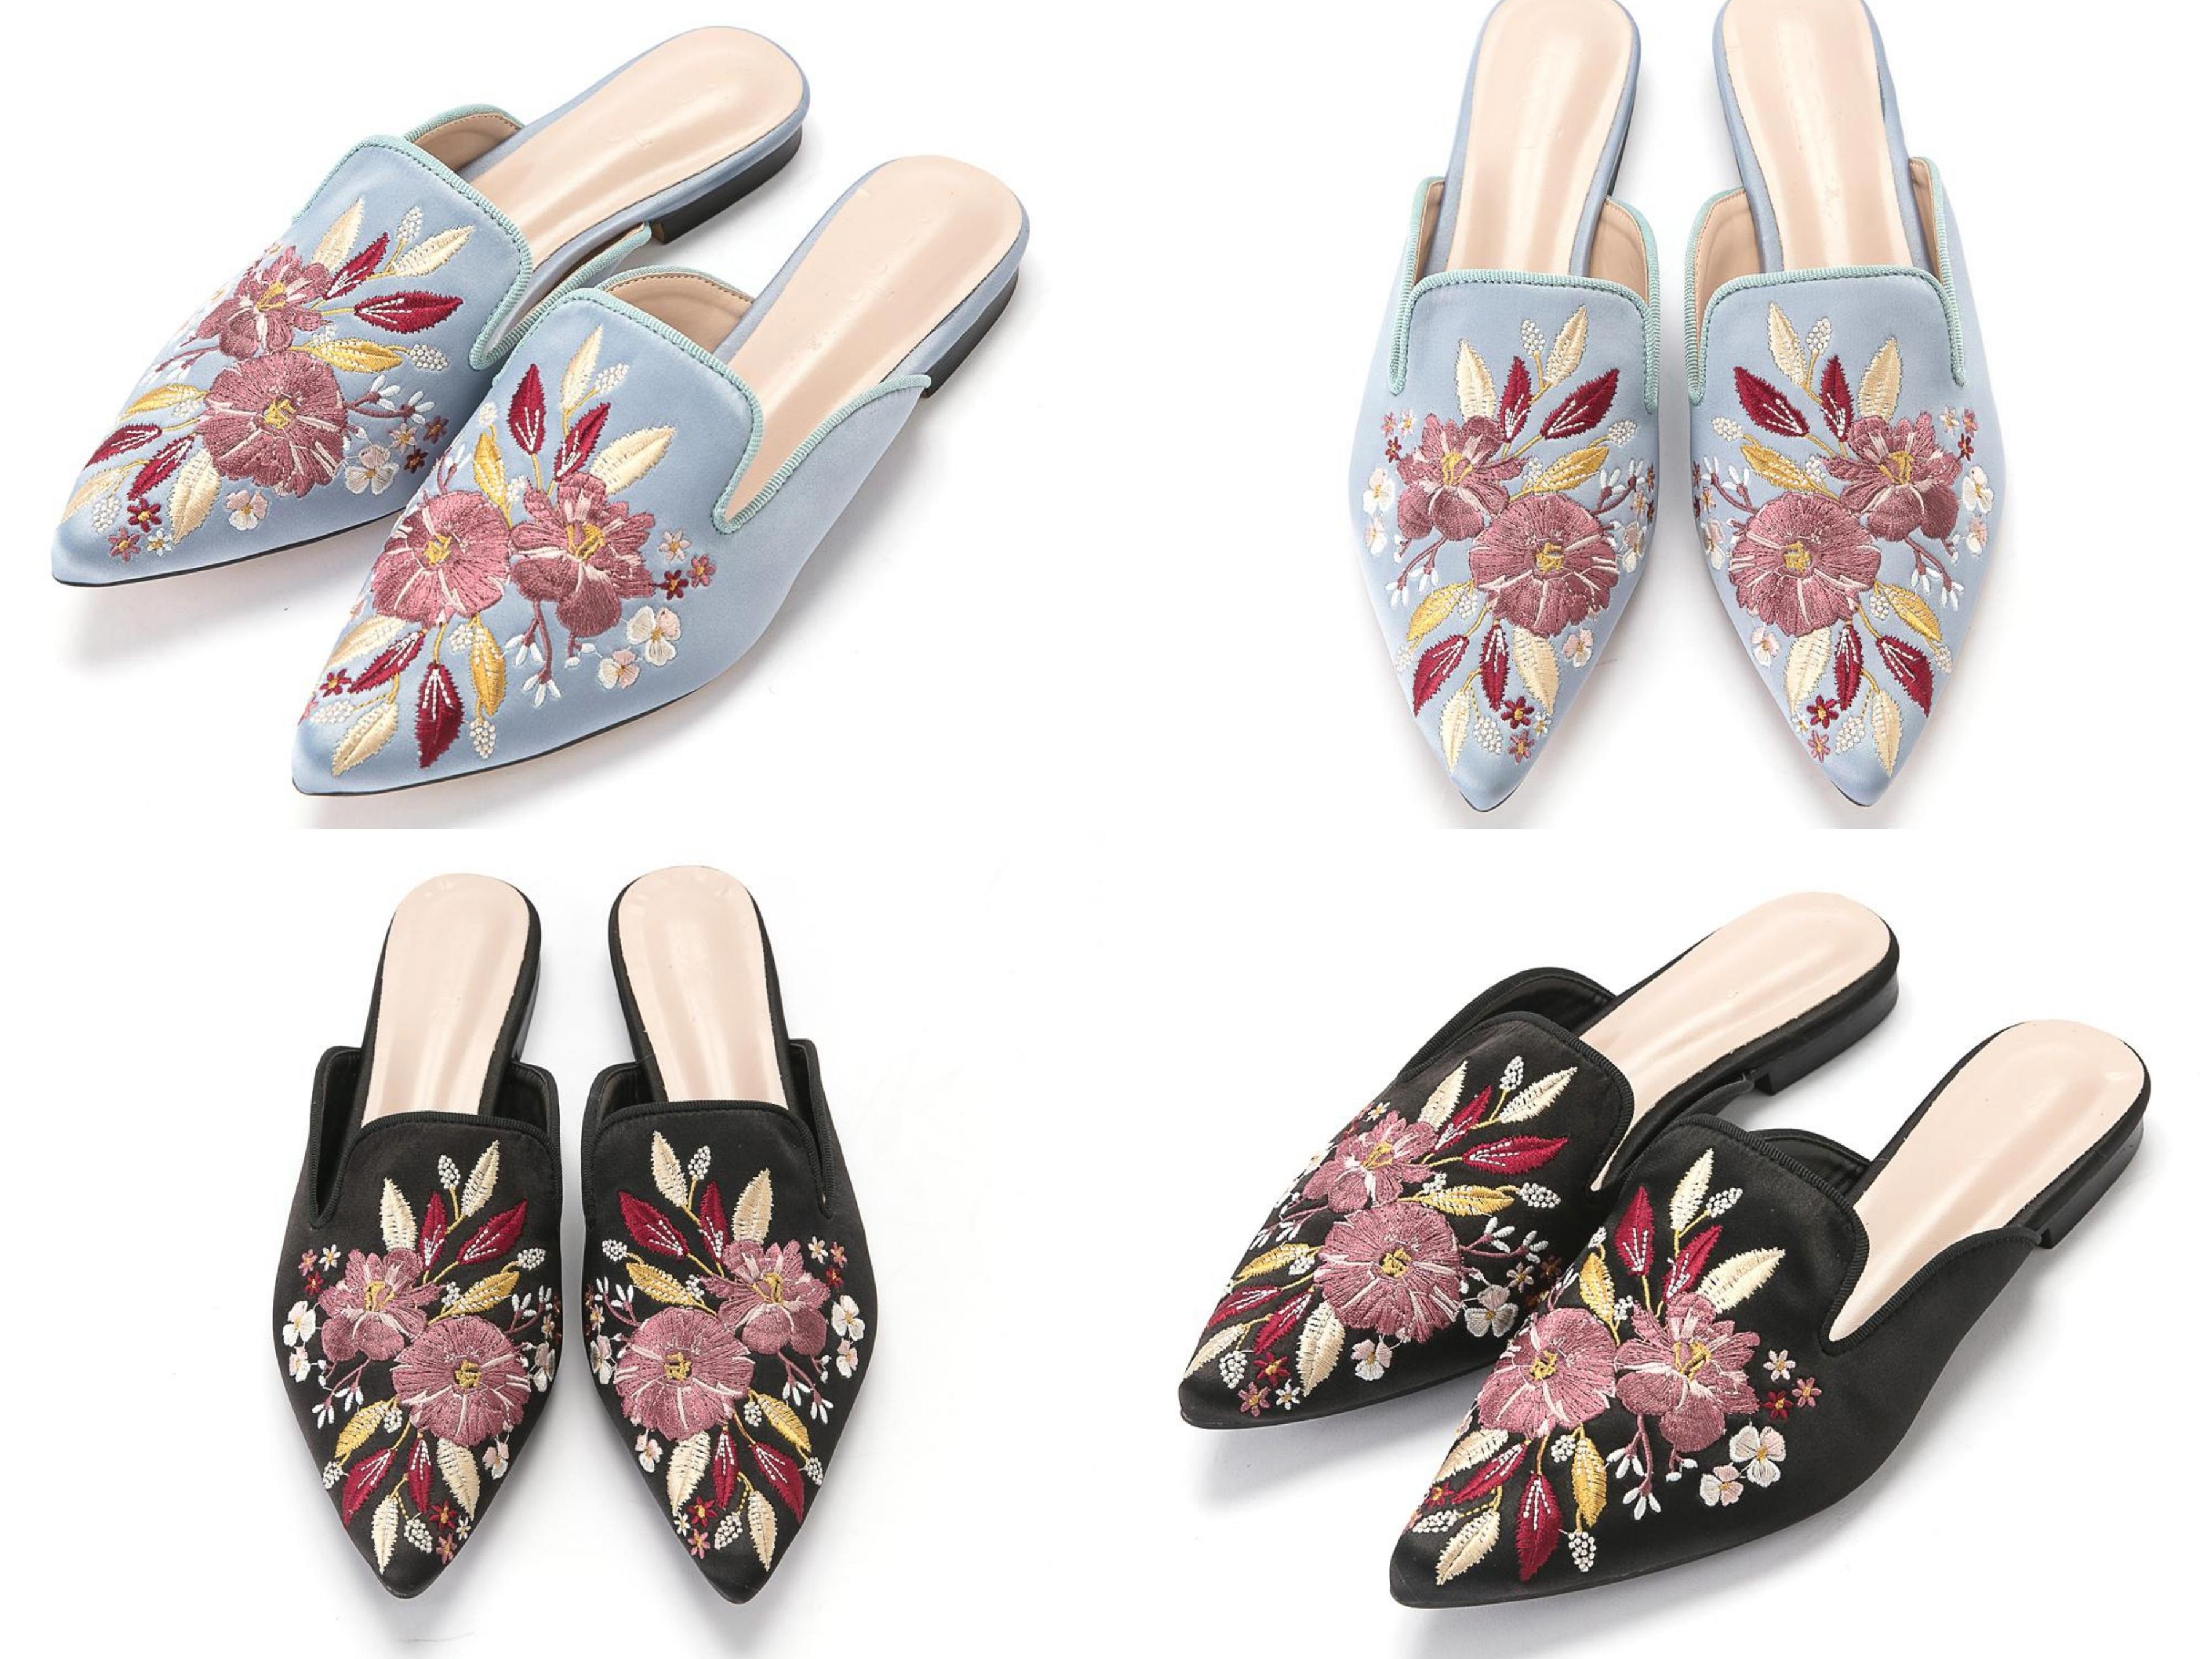 精緻古典花朵刺繡,時尚尖頭包頭脫鞋,加上V口設計拉長腳部線條